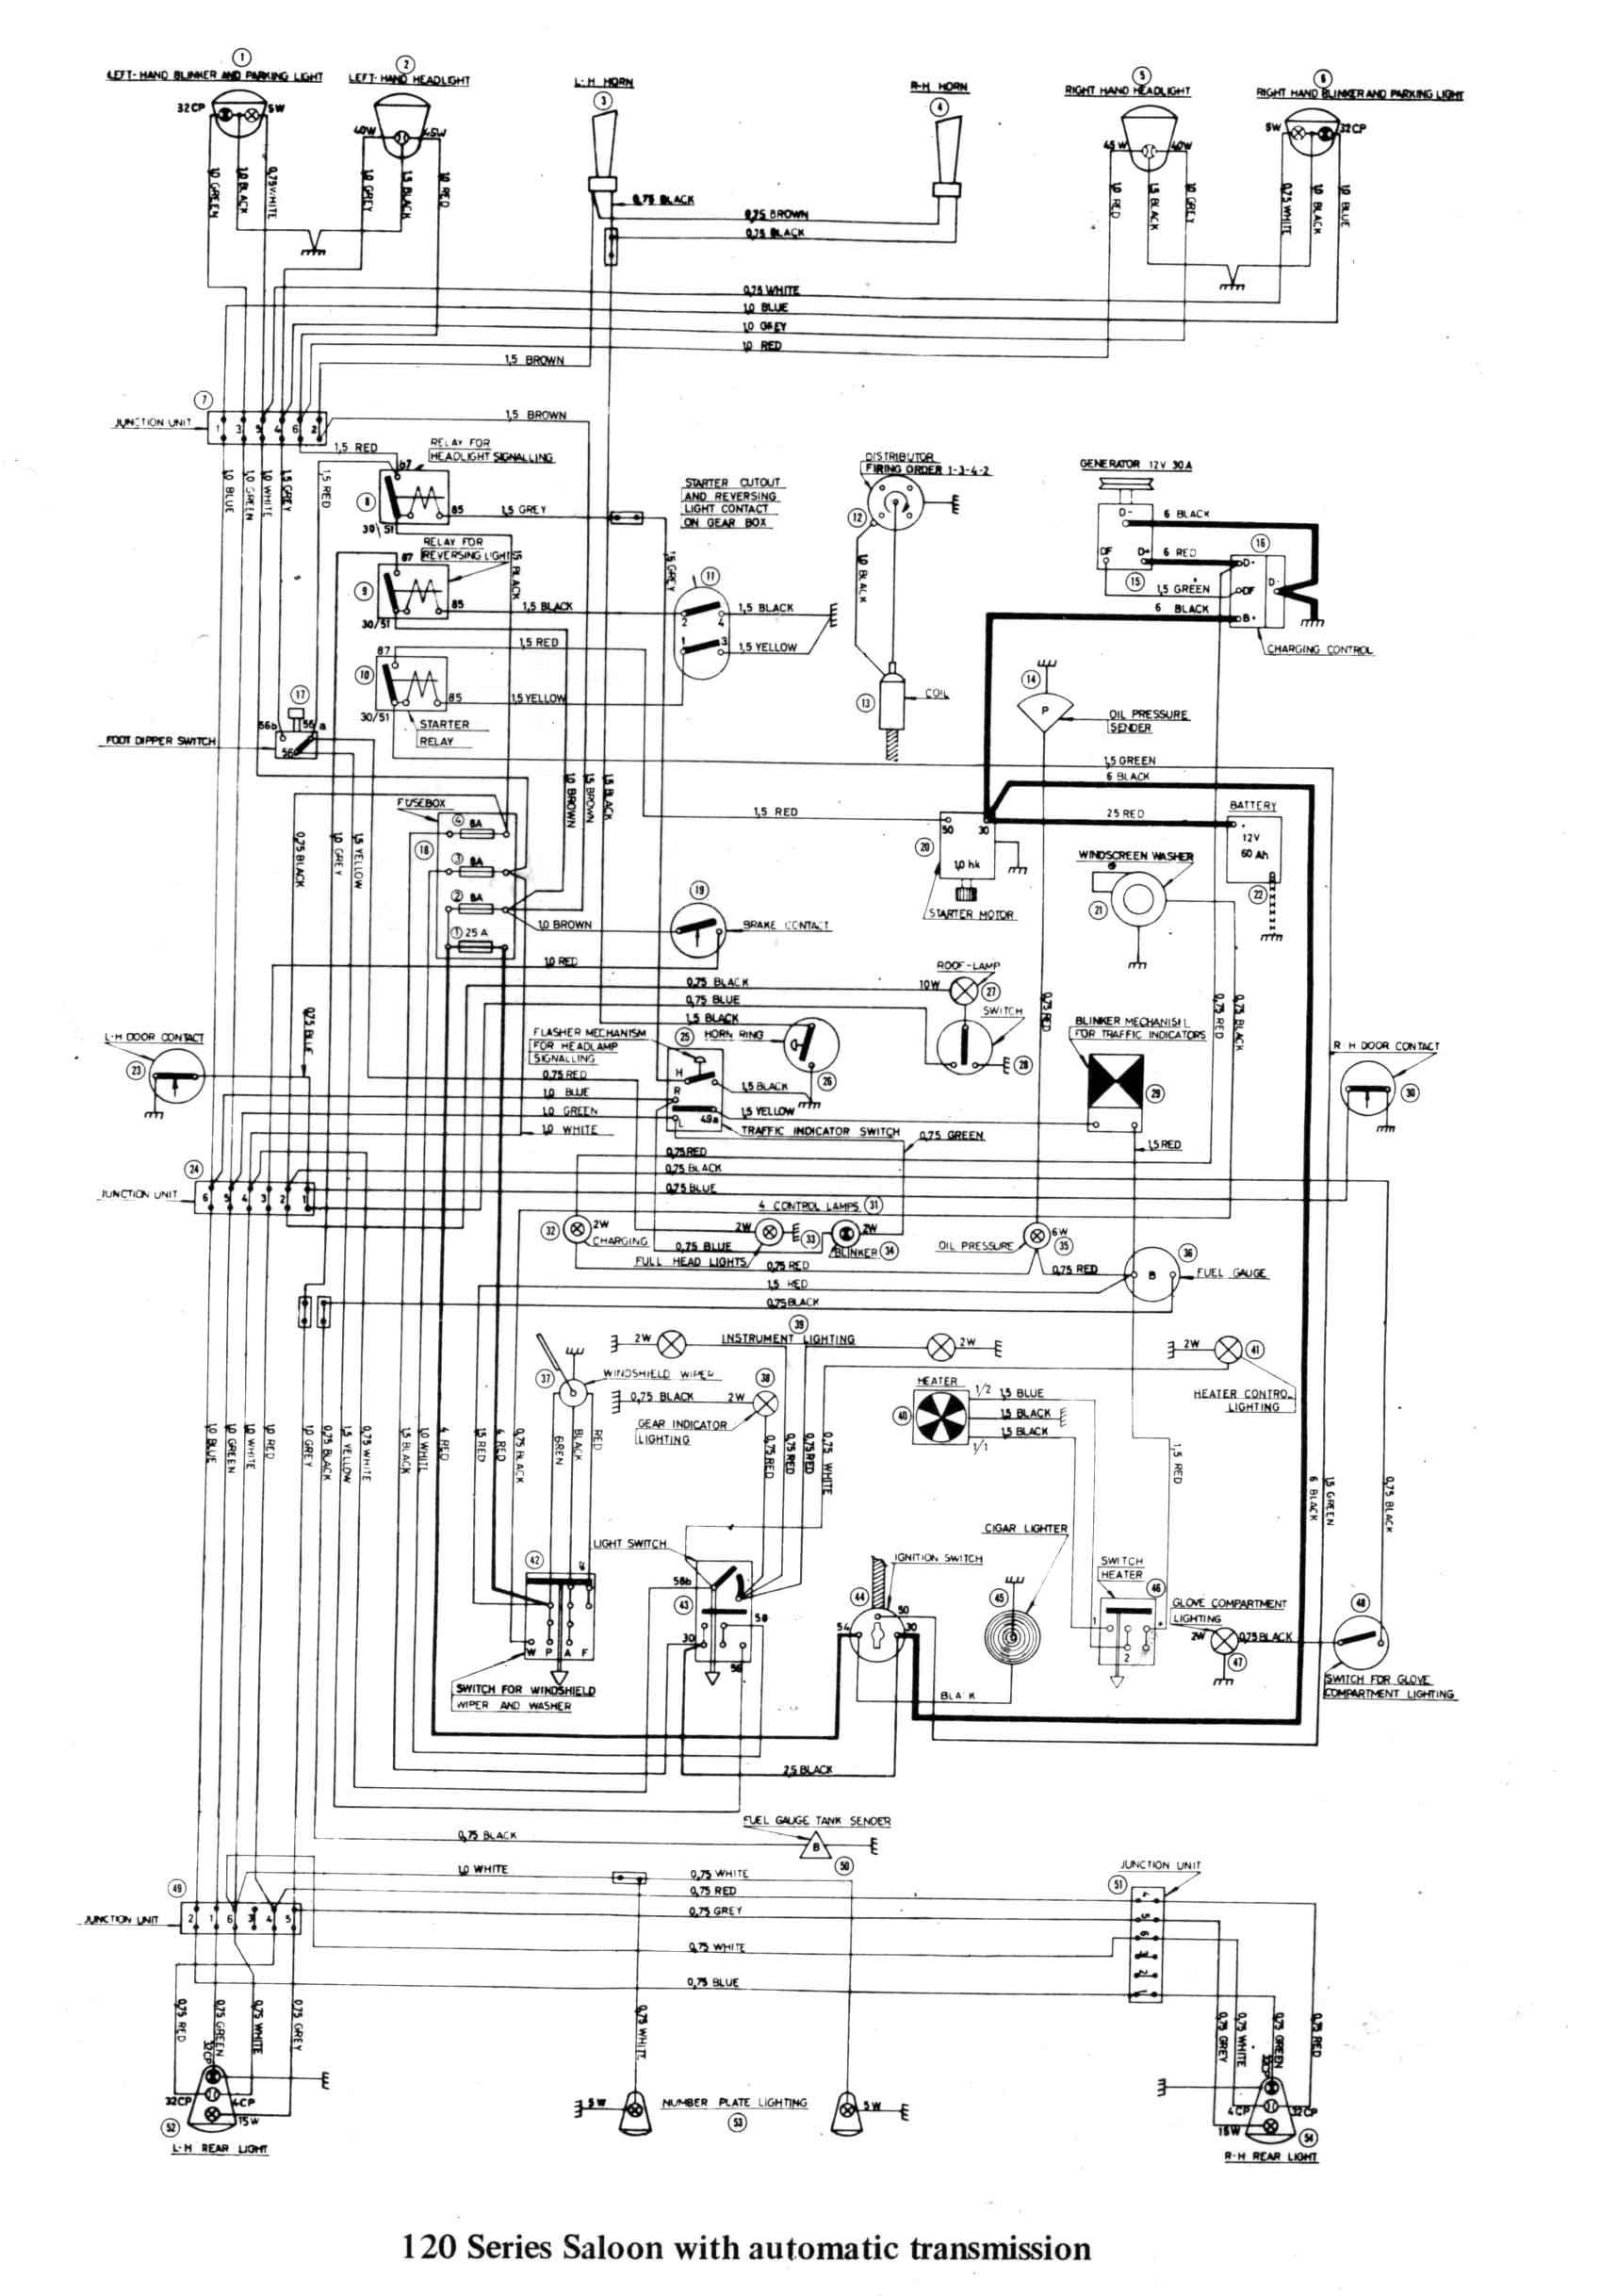 Clutch System Diagram Sw Em Od Retrofitting On A Vintage Volvo Of Clutch System Diagram